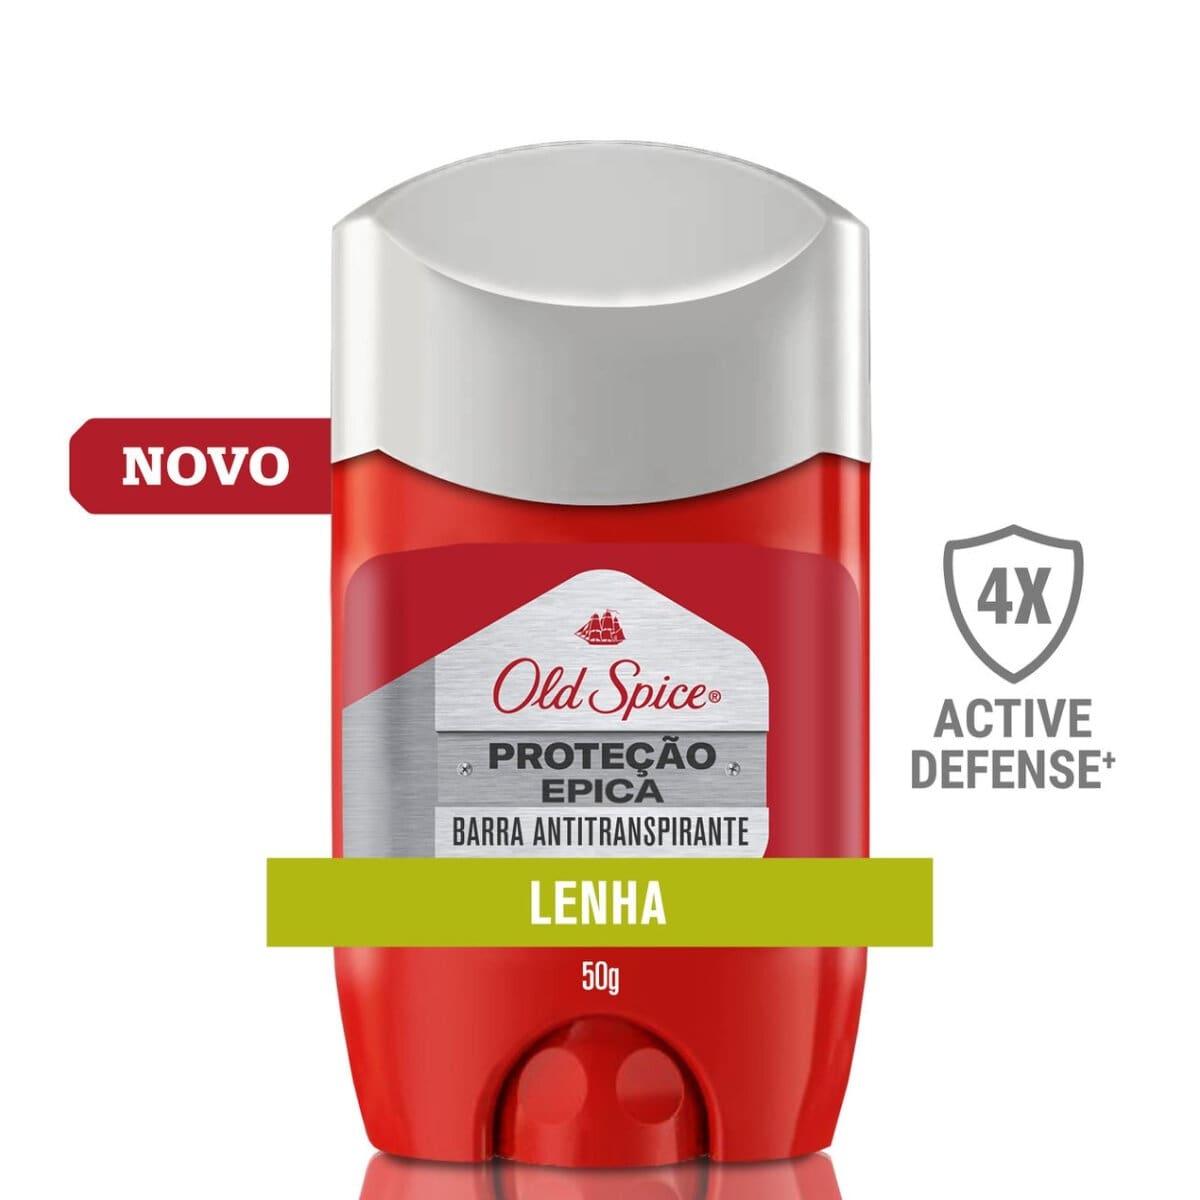 Desodorante em Barra Antitranspirante Old Spice Proteção Épica Lenha com 50g 50g